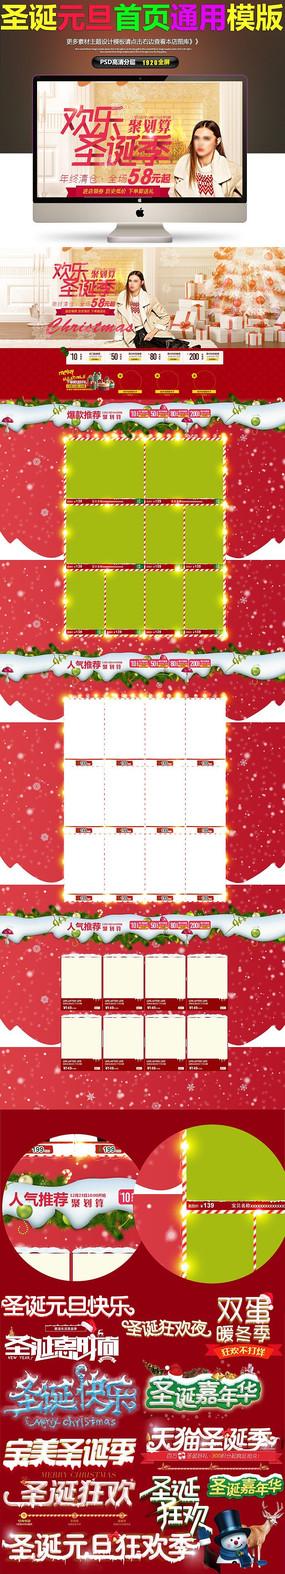 圣诞快乐欧美女装首页海报模板